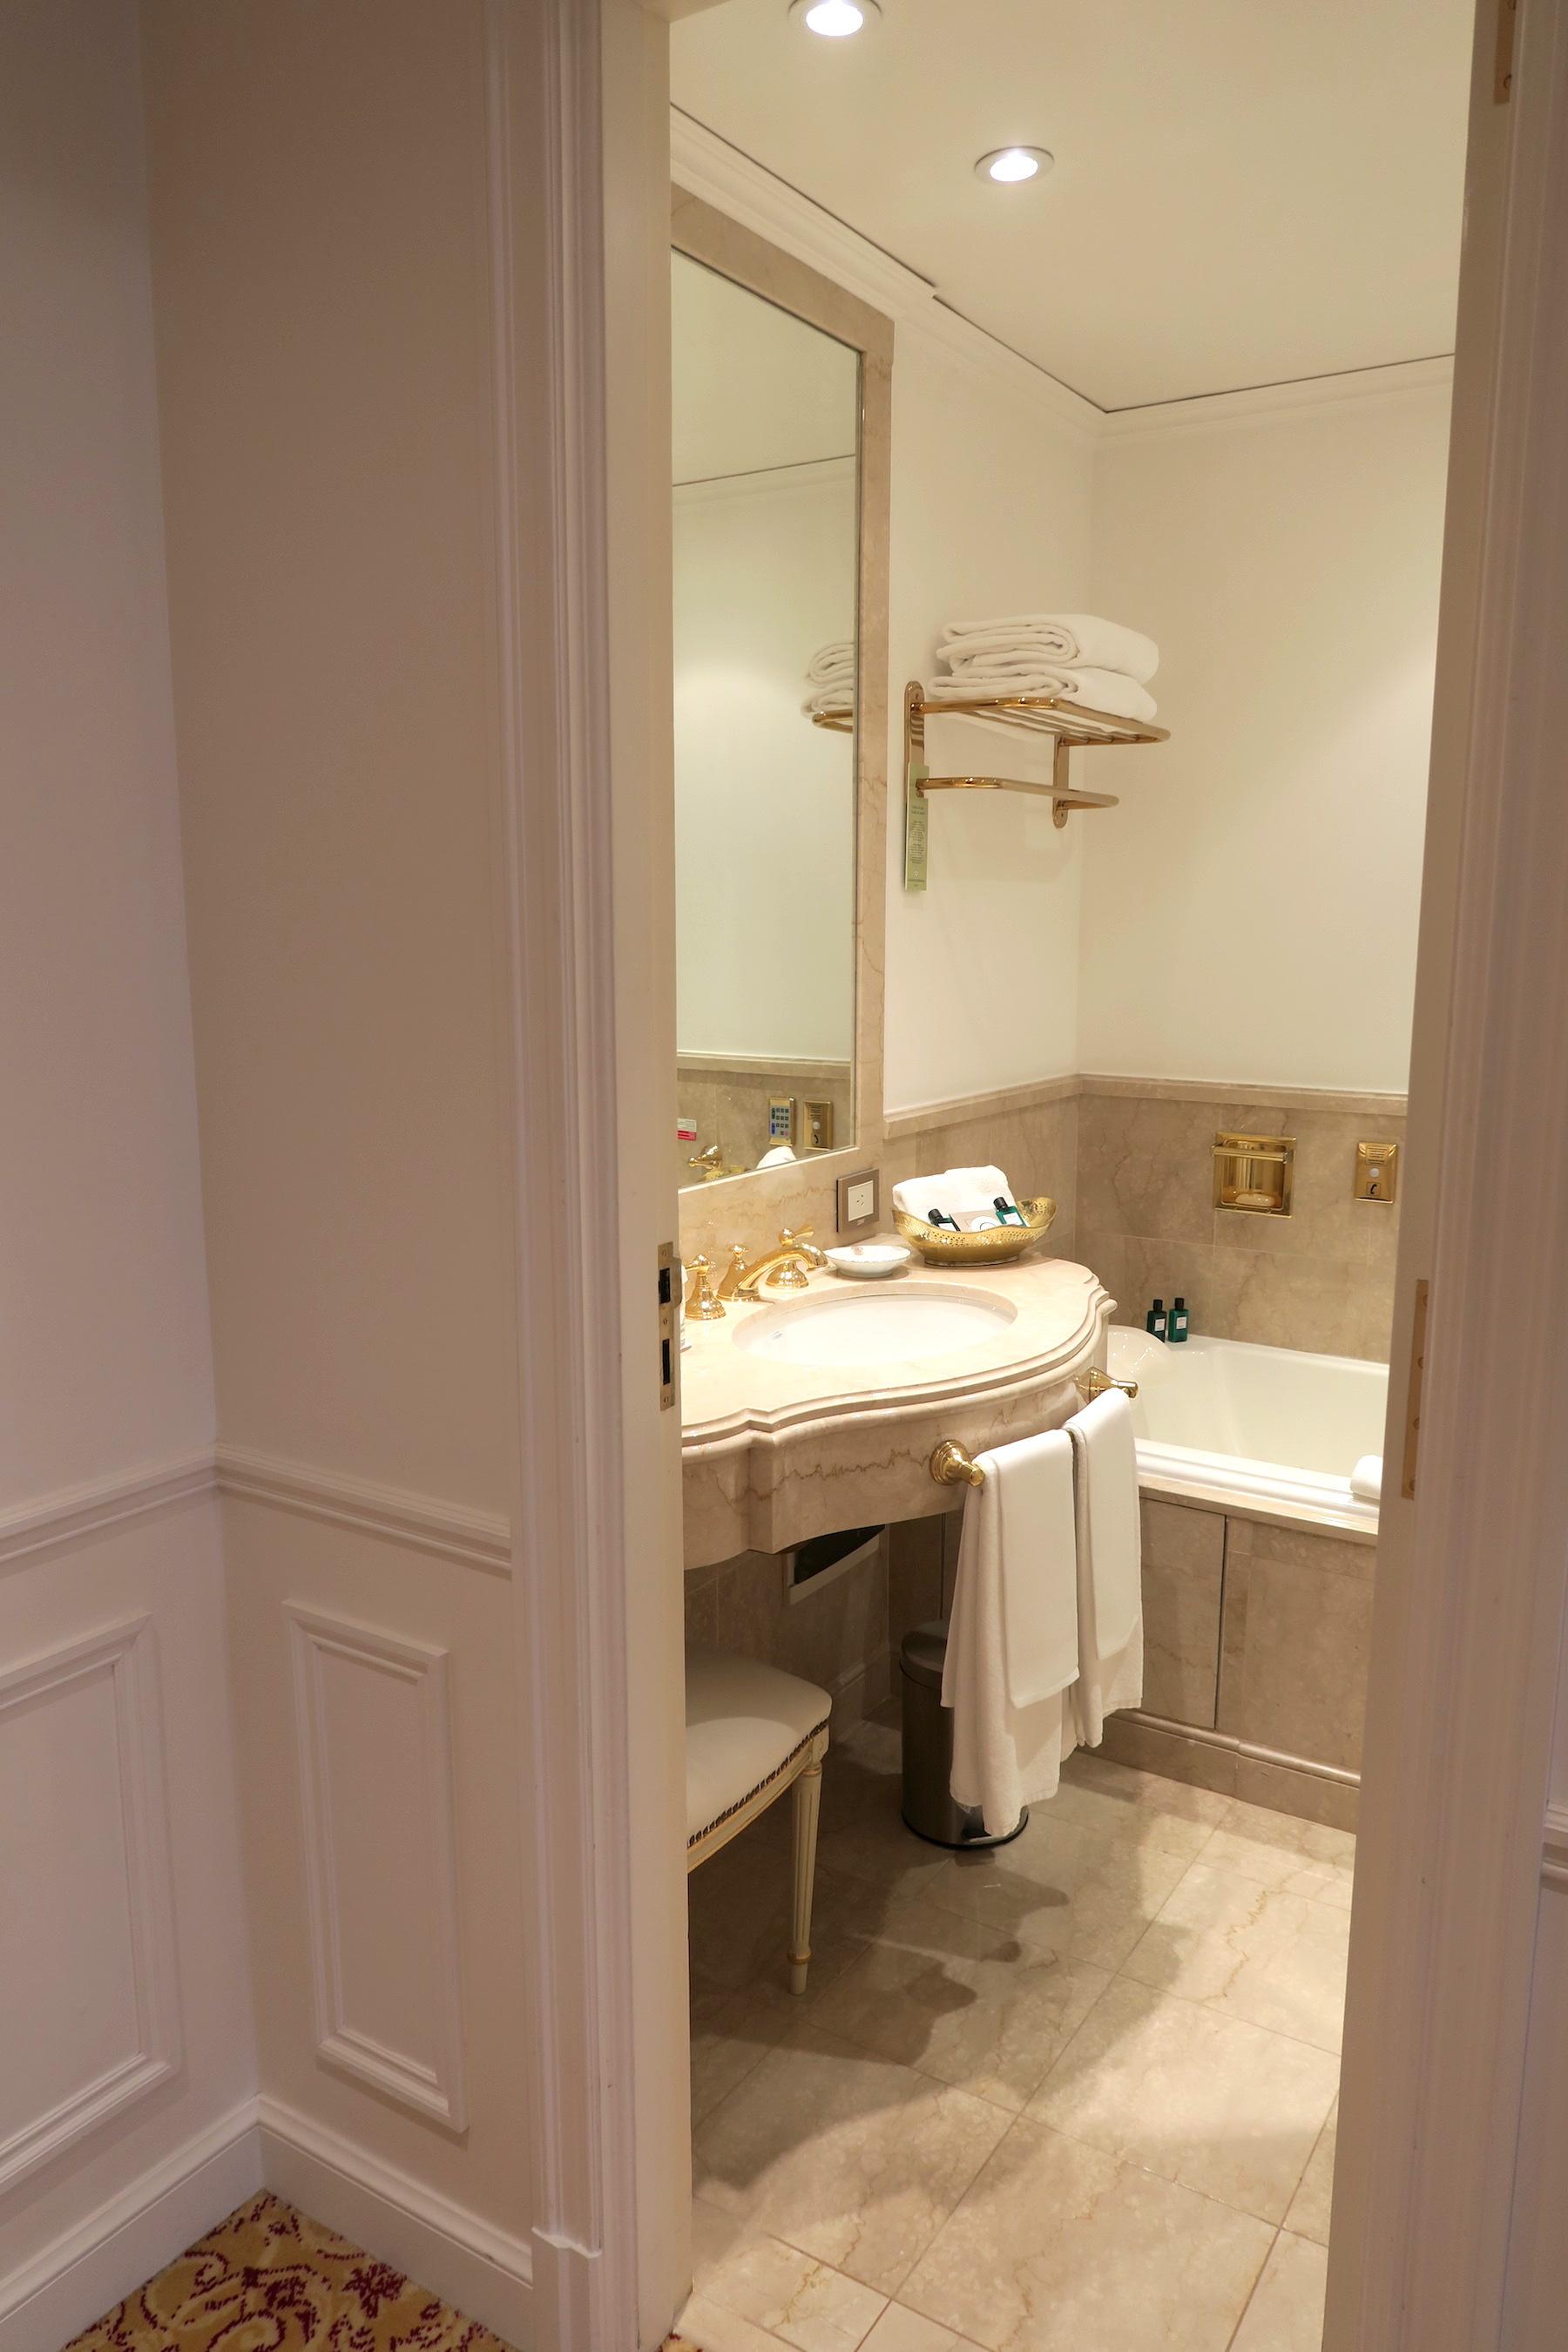 hotel-alvear-buenos-aires-blog-beta-pinheiro-banheiro-2